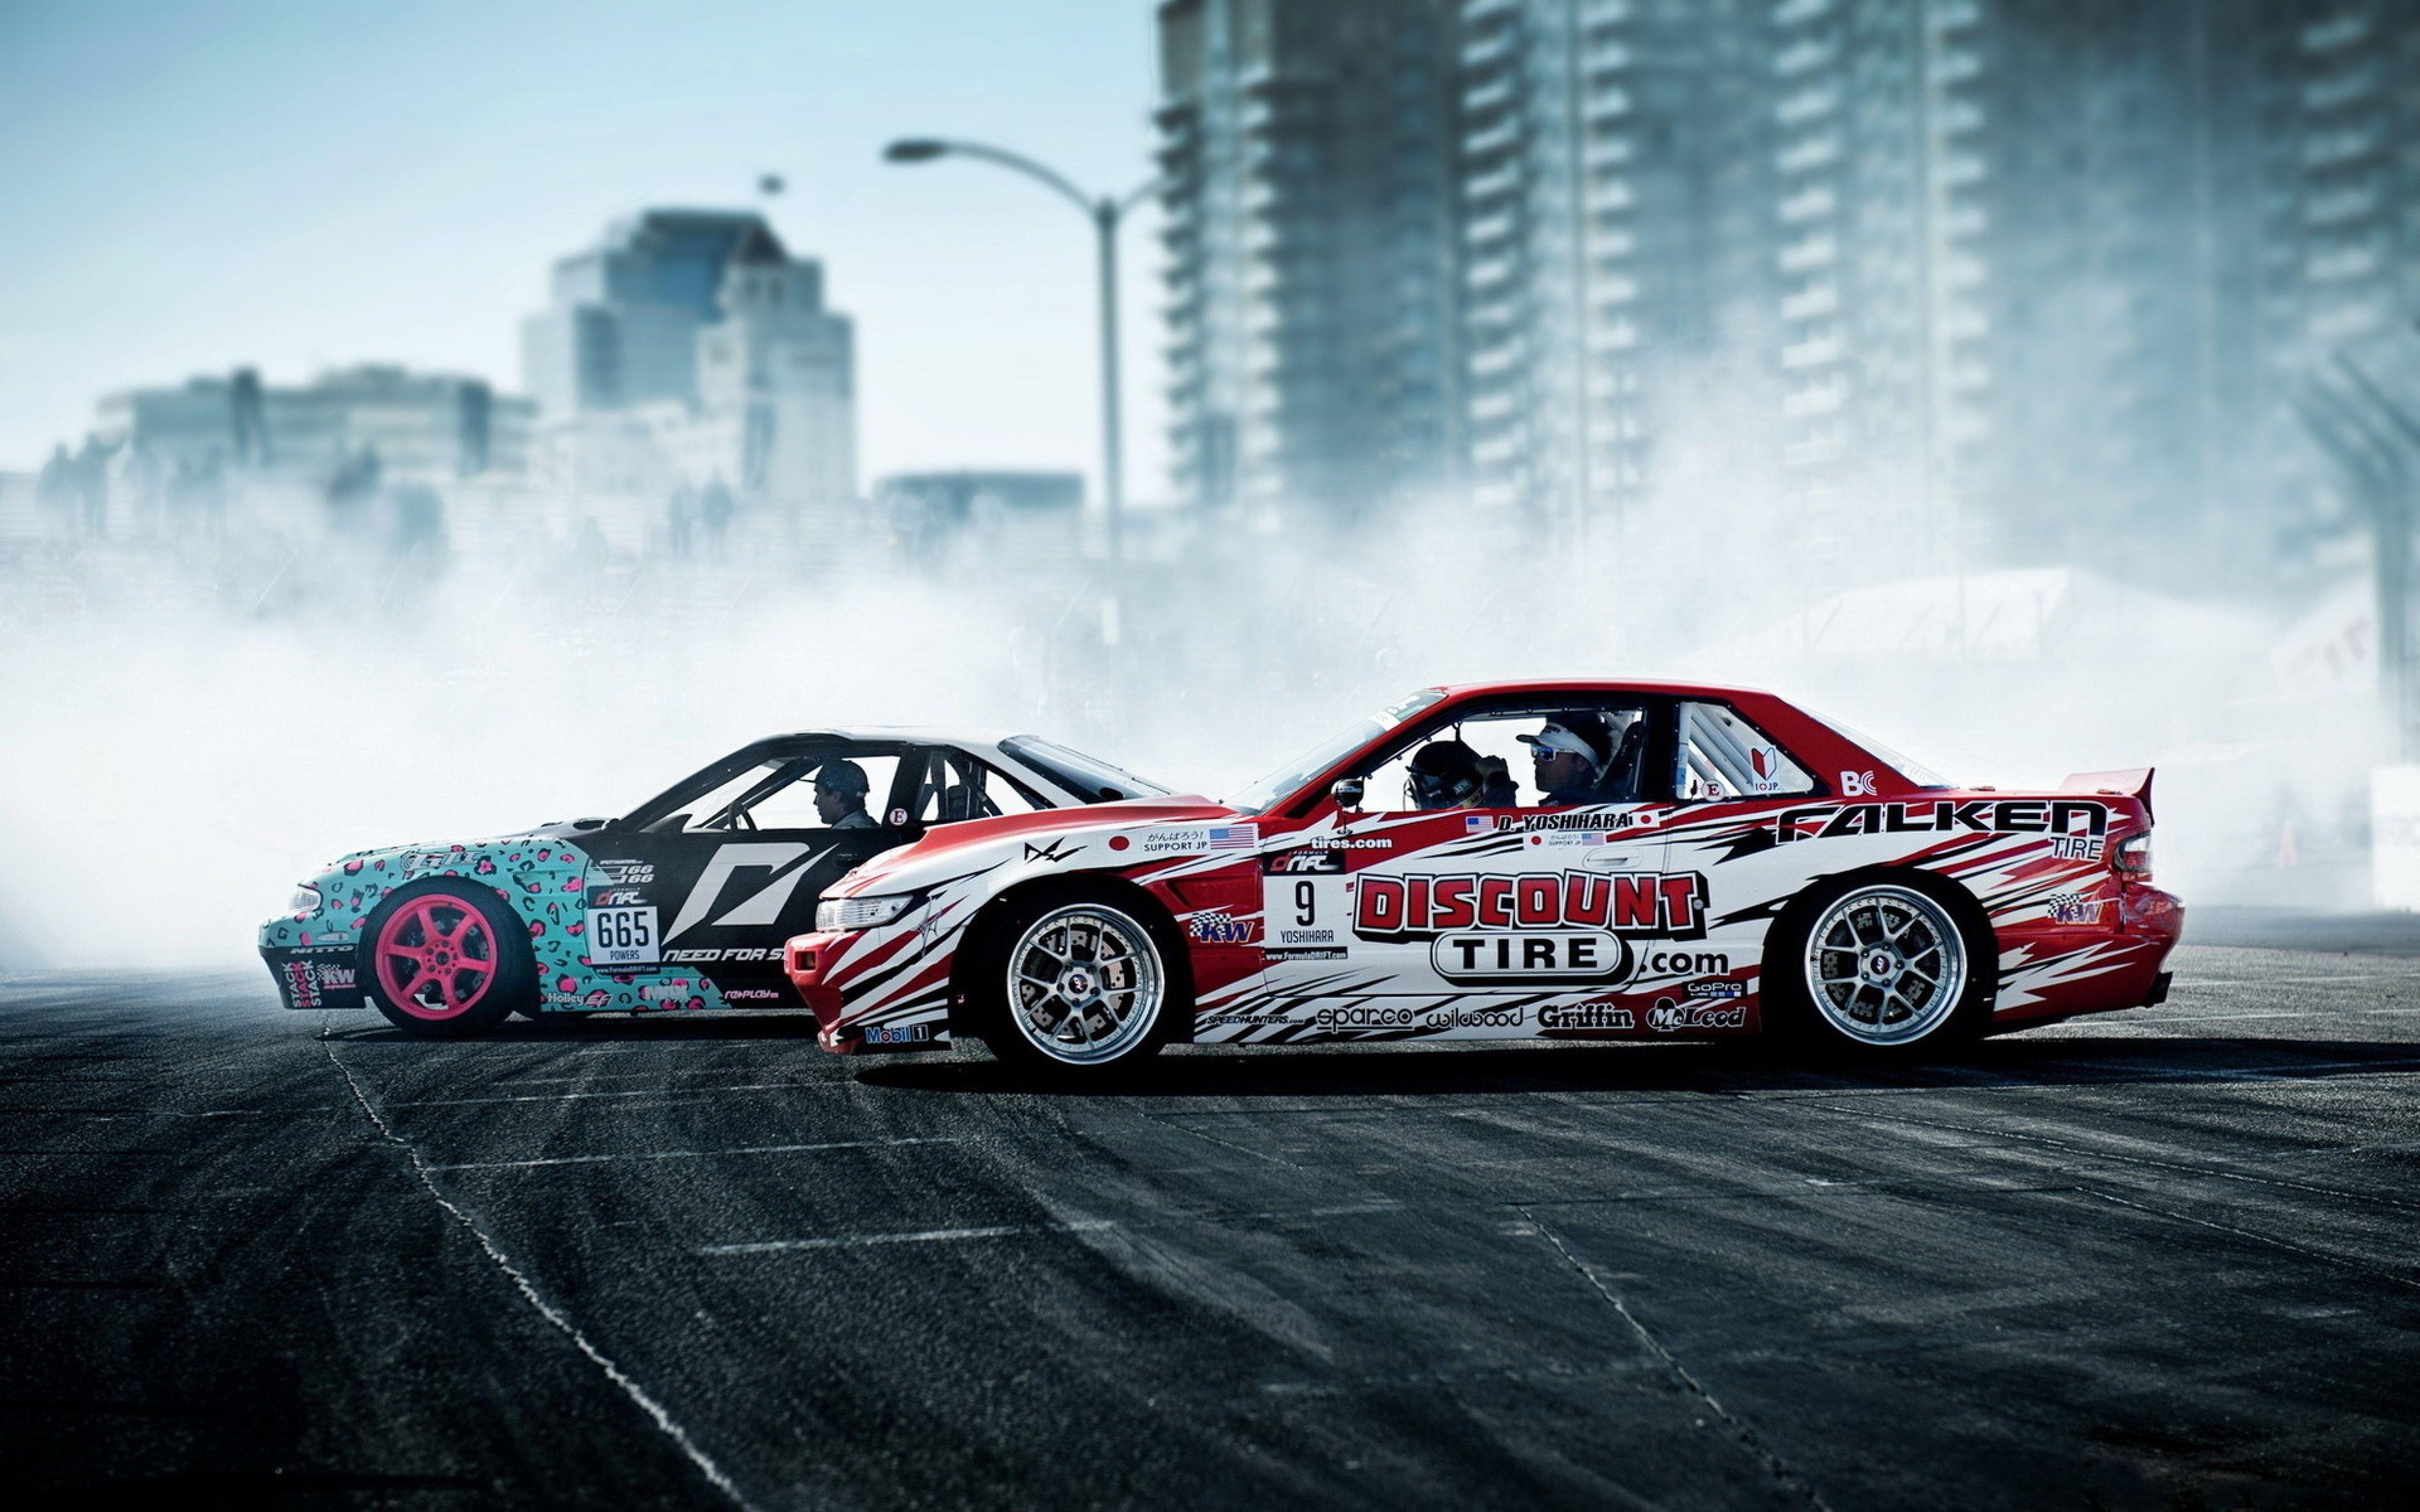 3840x2400 Wallpaper Drift Nissan Sport Cars Smoke Driftende Autos Rennsport Autos